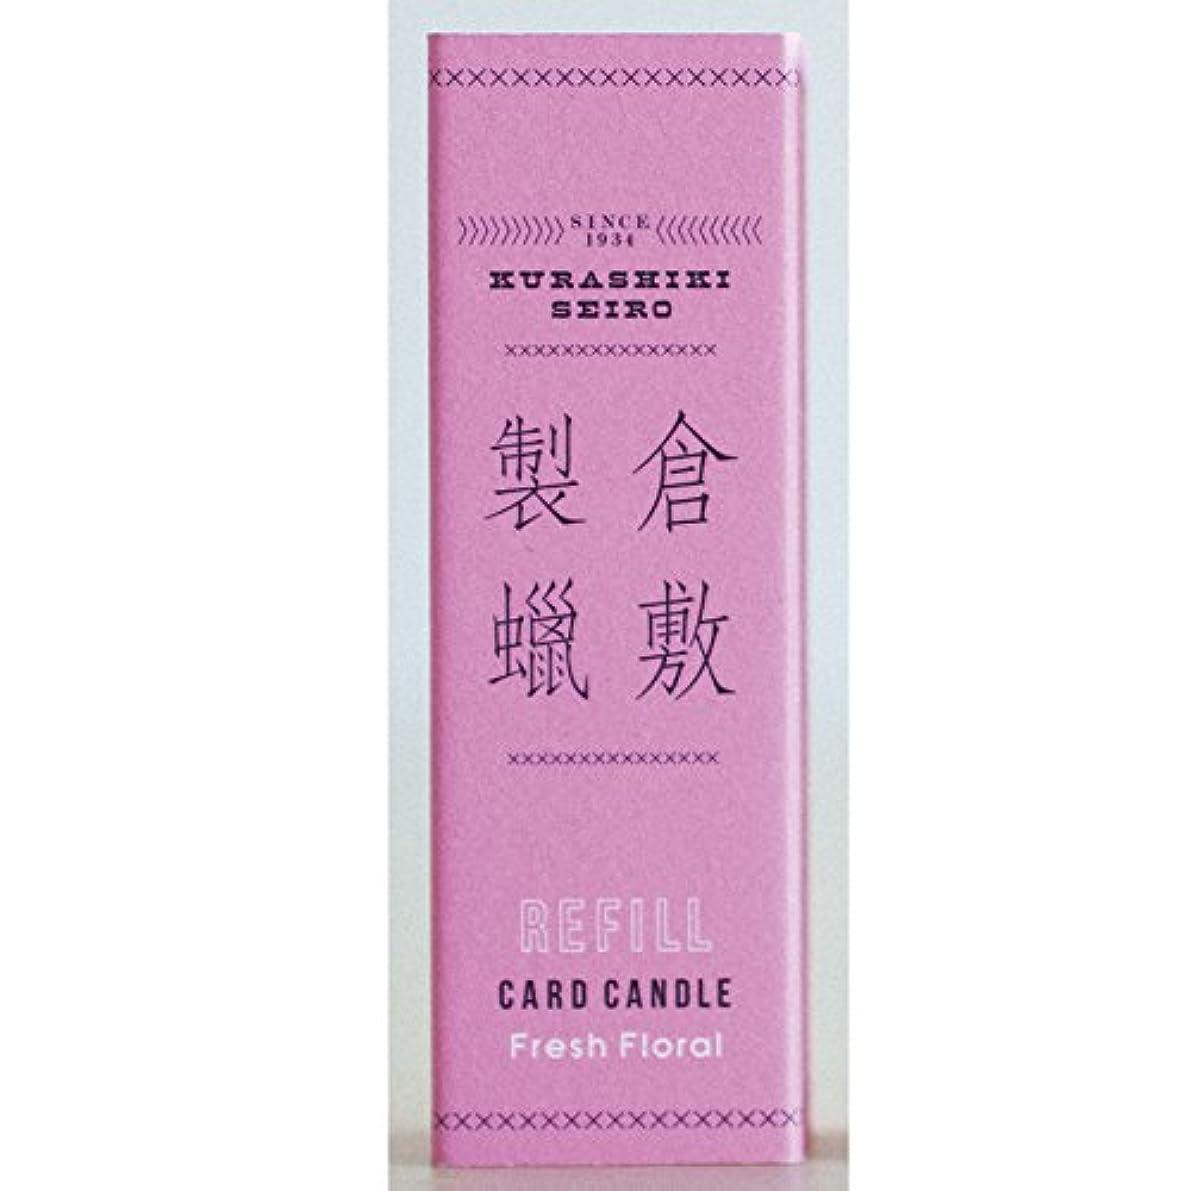 ピン弾薬三番倉敷製蝋 CARD CANDLE REFILL (Fresh Floral)